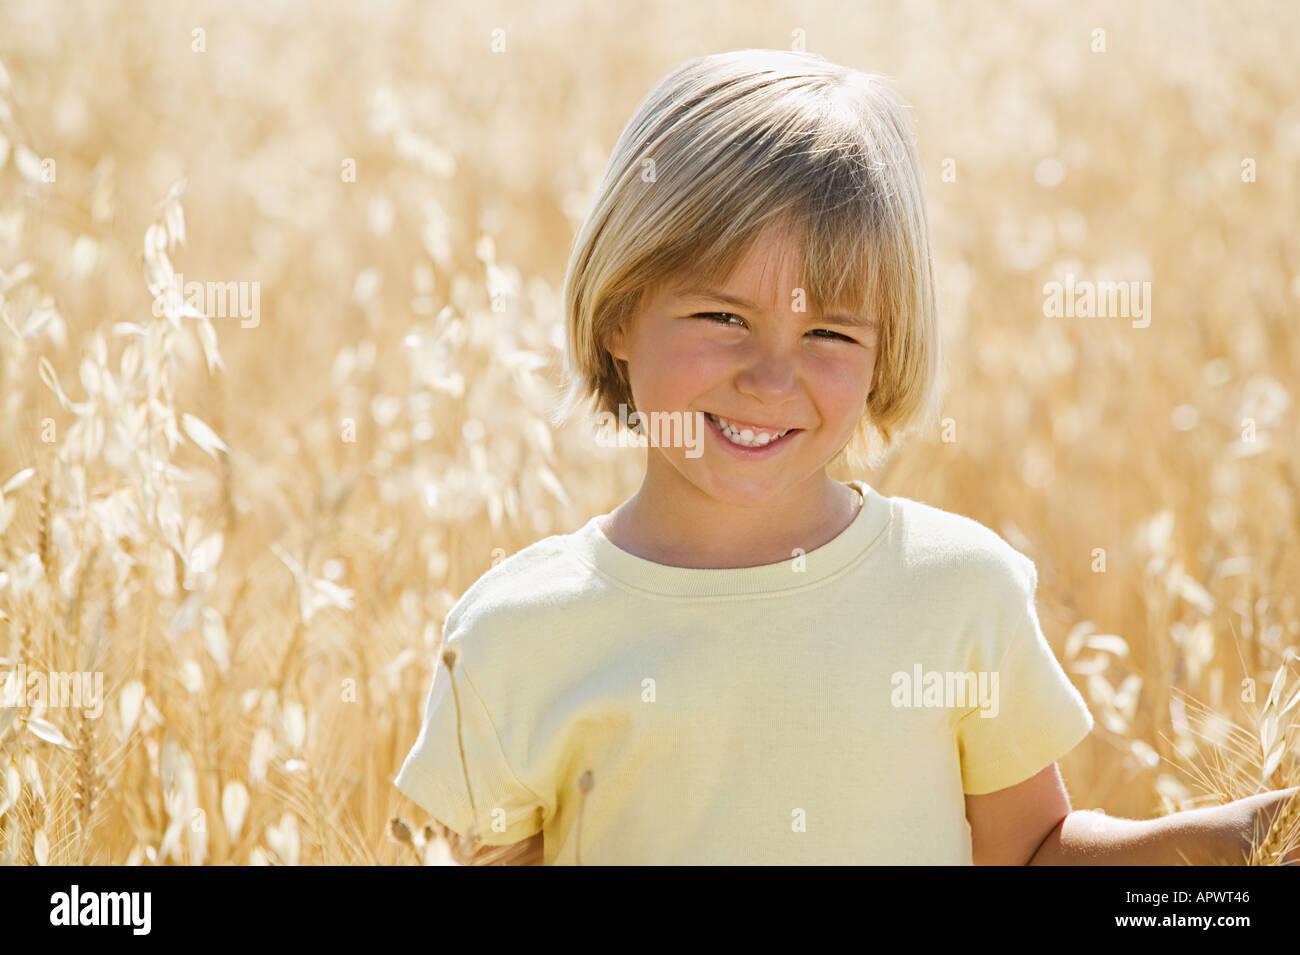 Boy in a wheat field Stock Photo